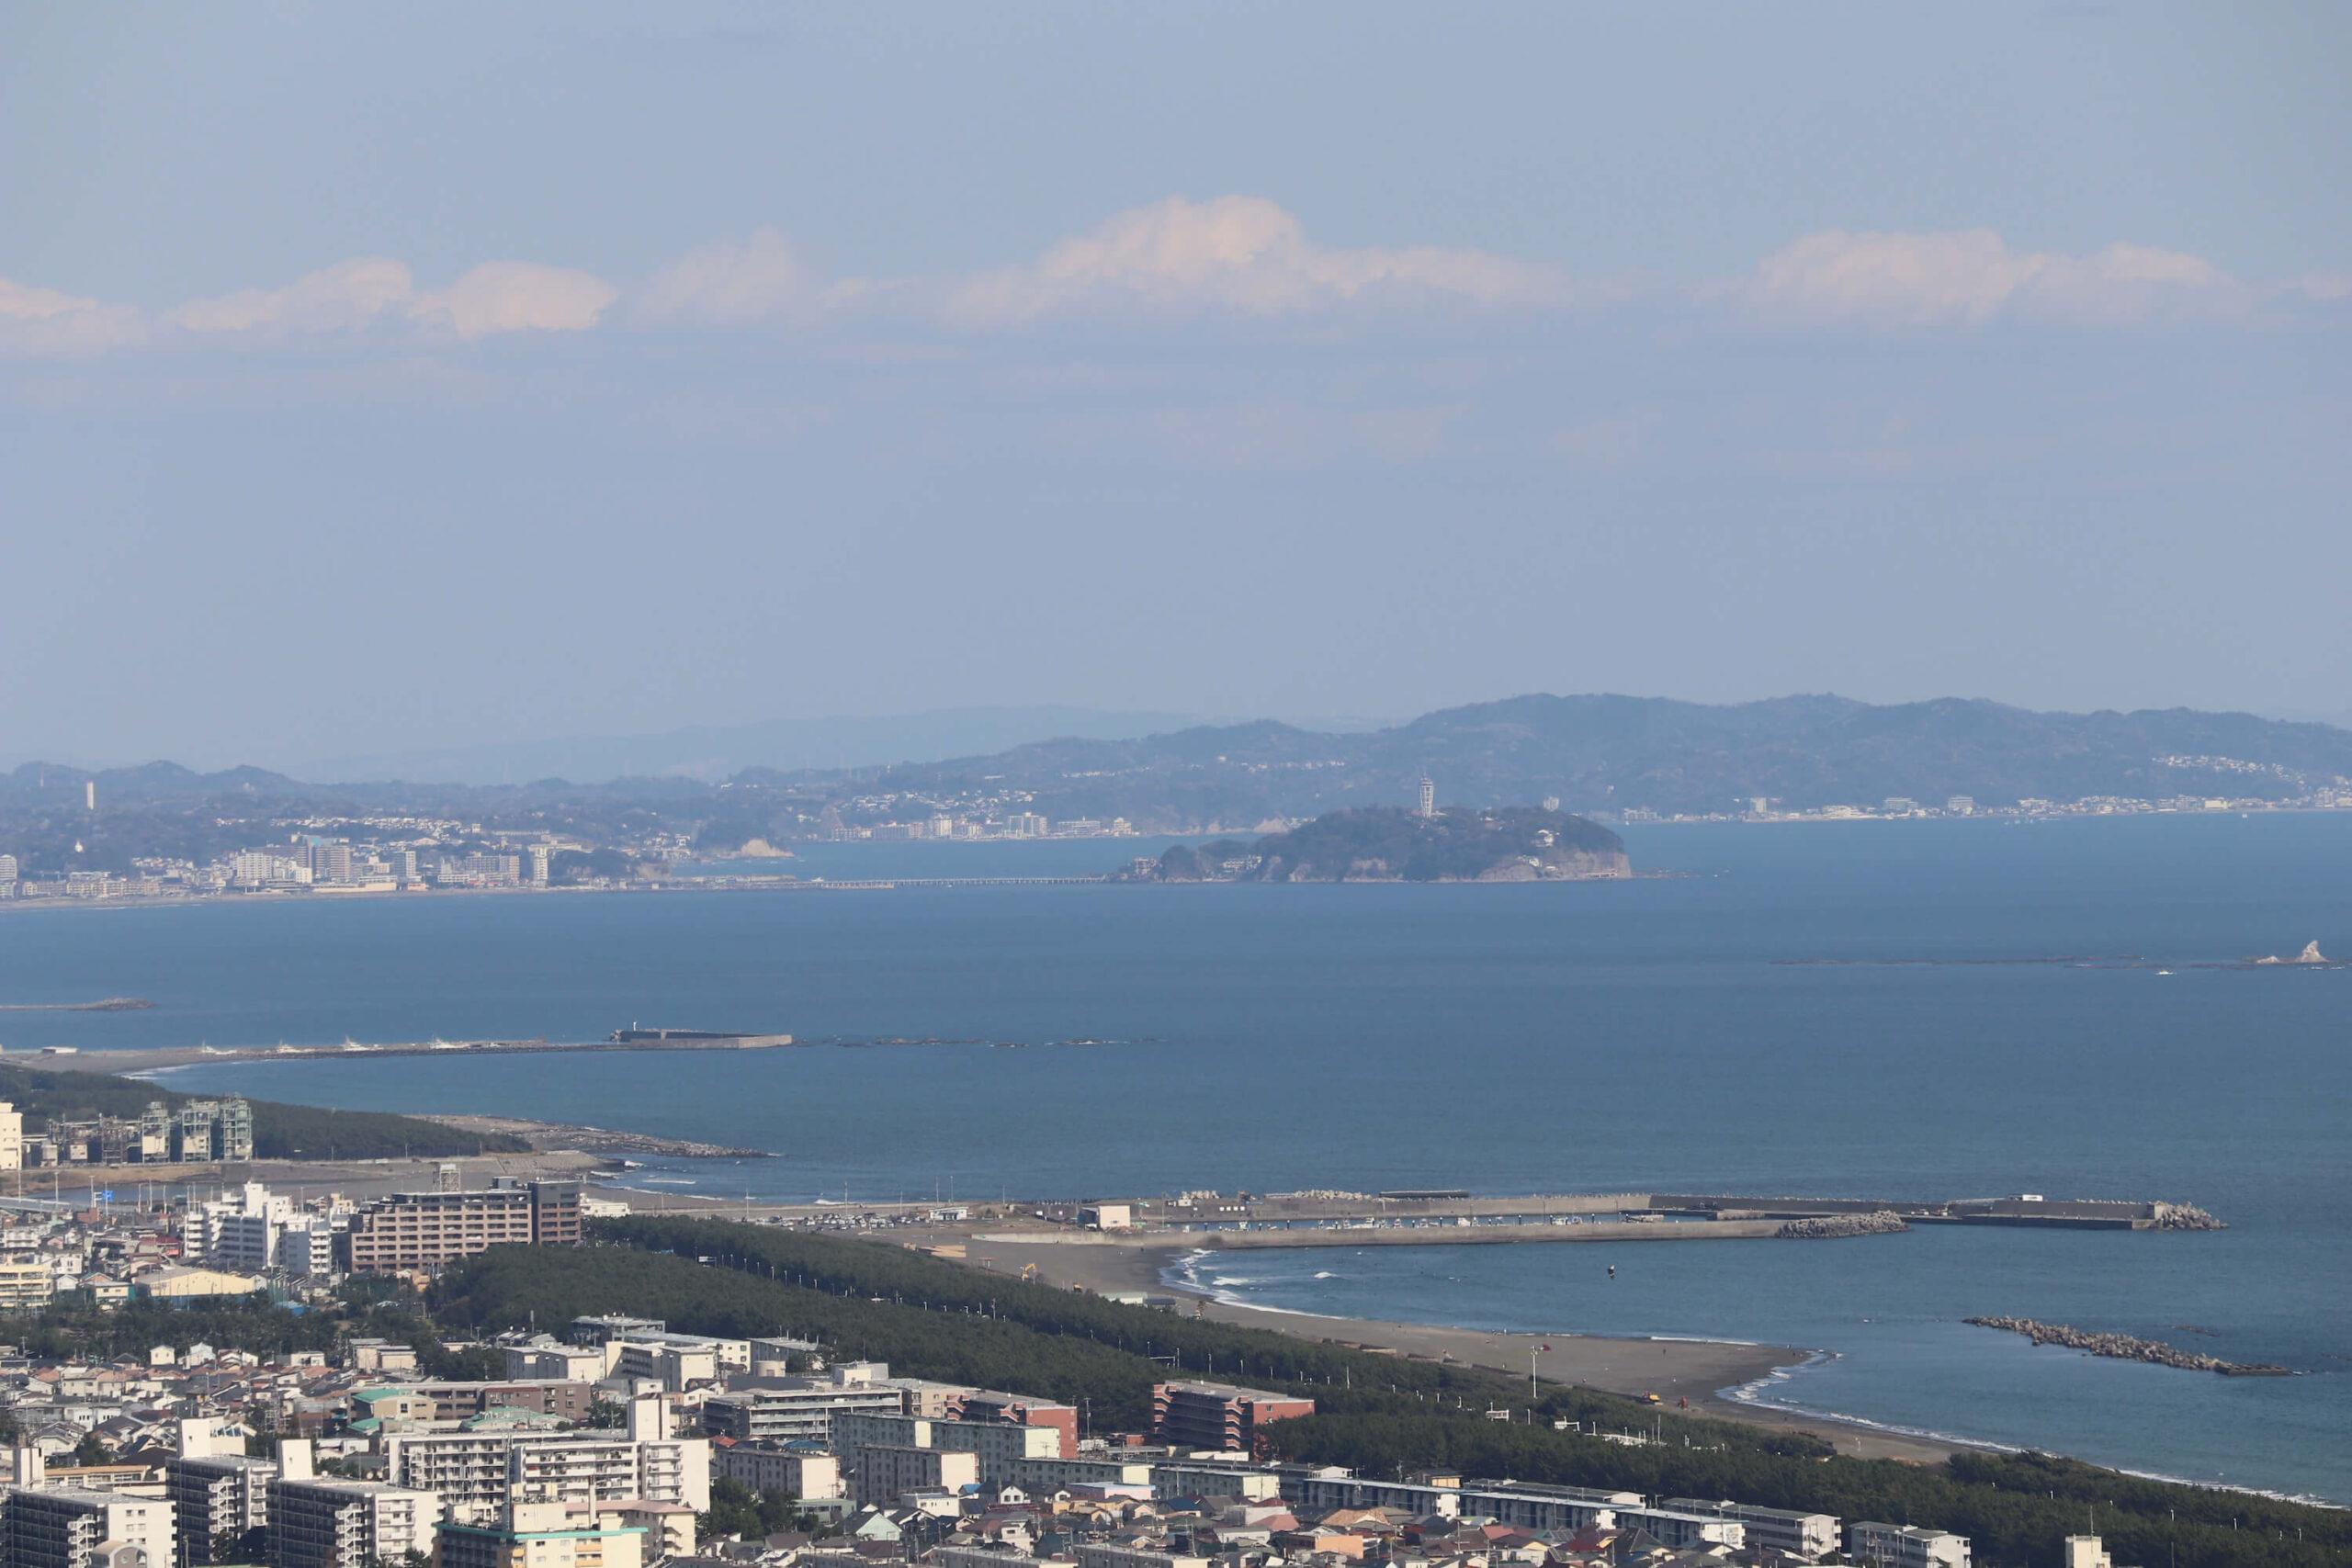 湘南平の眺めと江ノ島